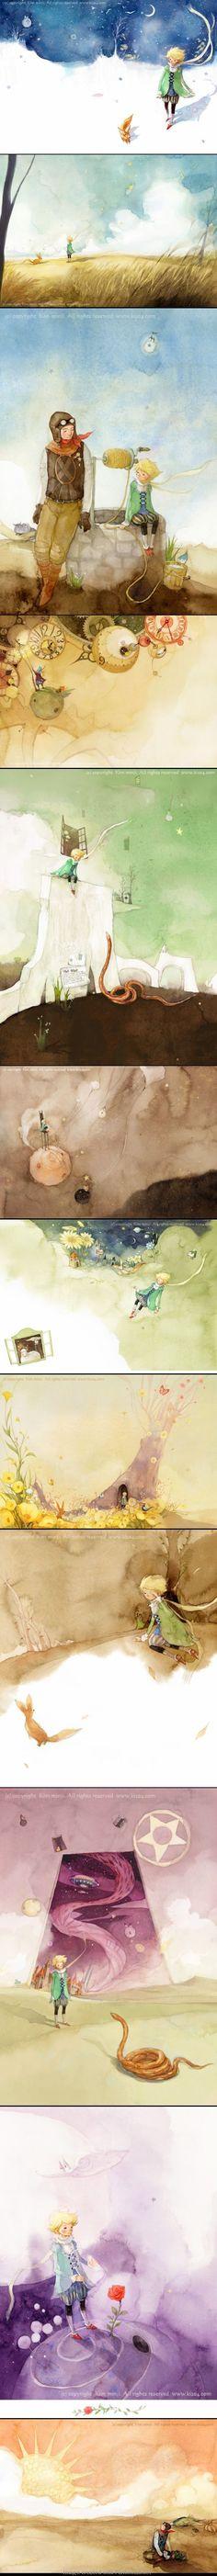 """Kim Min Ji's enchanting illustrations of Antoine de Saint-Exupéry's The Little Prince ( """"El Principito"""" Antoine de Saint-Exupery ):"""